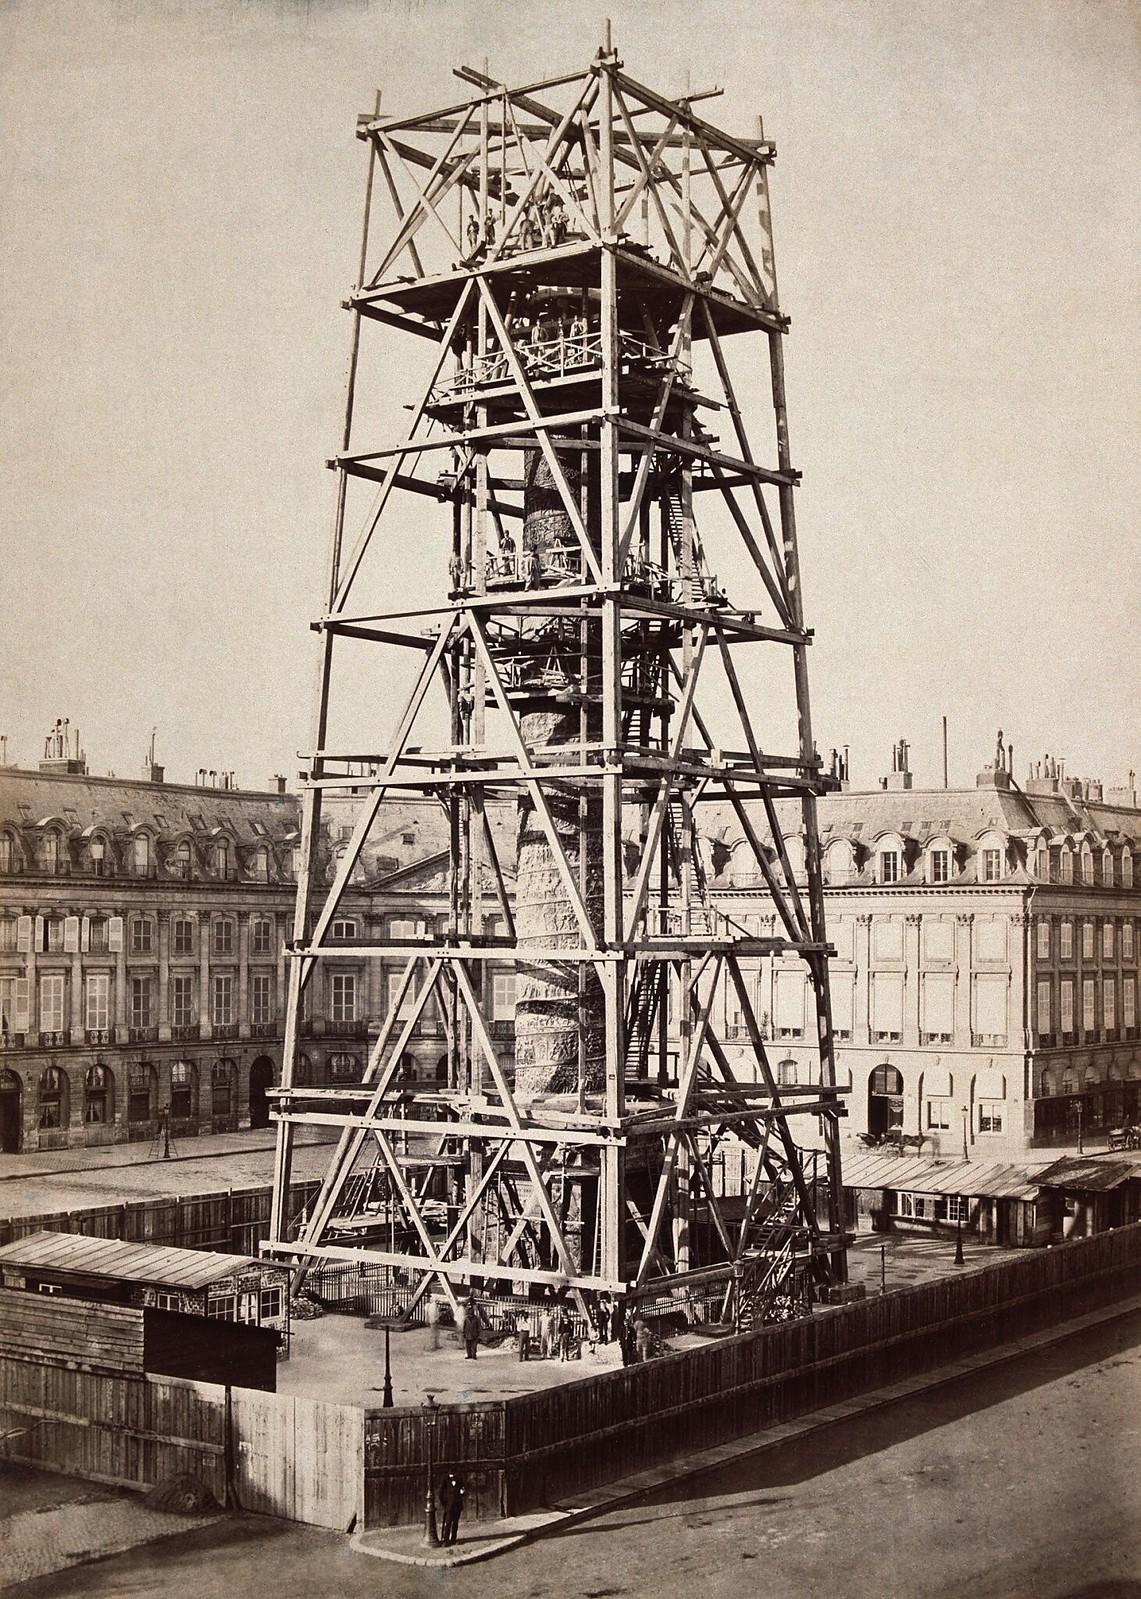 Вандомская колонна, разрушенная в 1871 году и перестроенная между 1873-1874, во время реконструкции окружена лесами